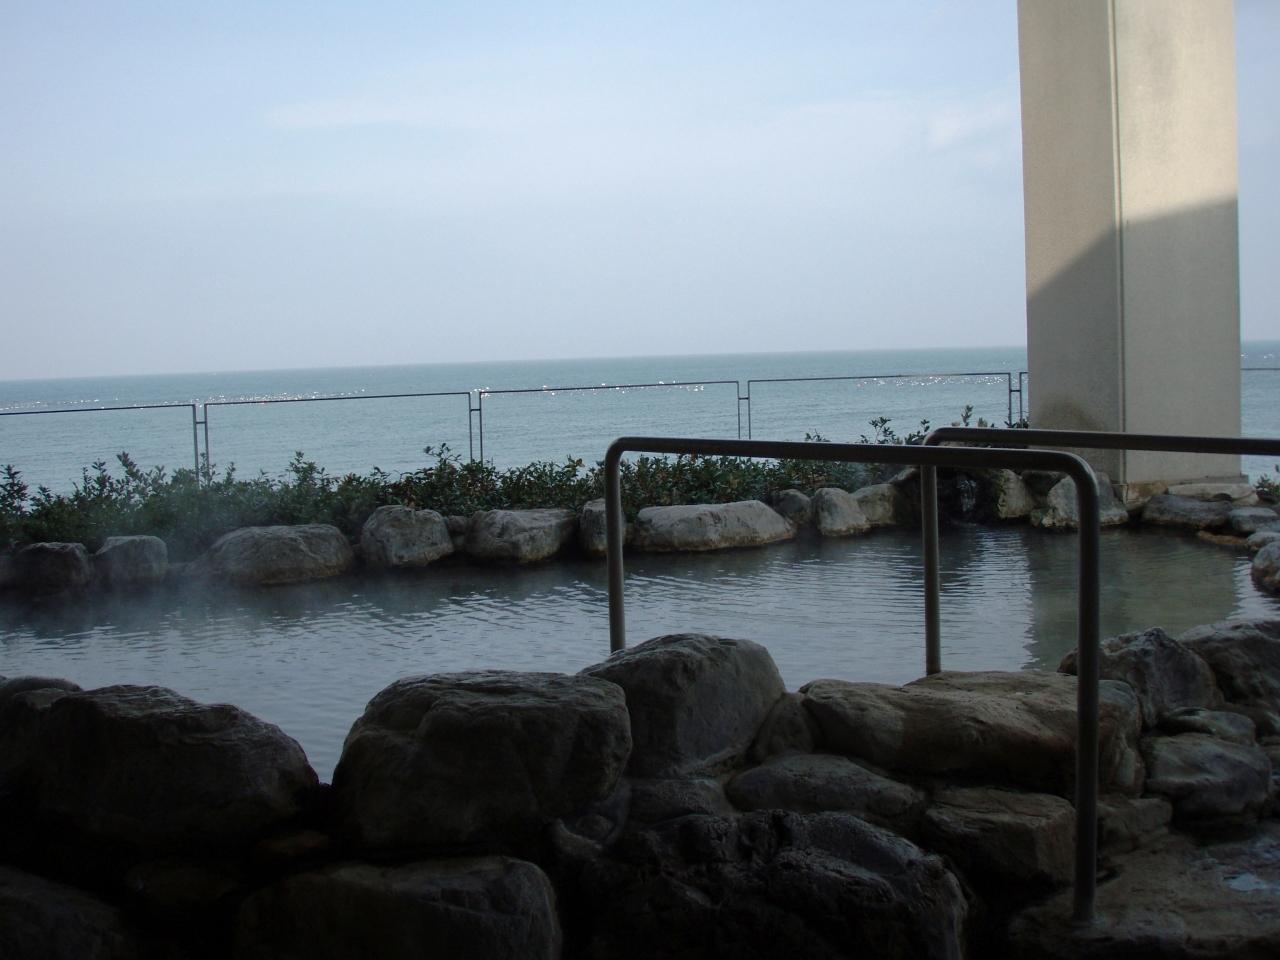 島原の温泉は日帰りもOK!気軽に立ち寄り・家族風呂もあるおすすめを紹介!